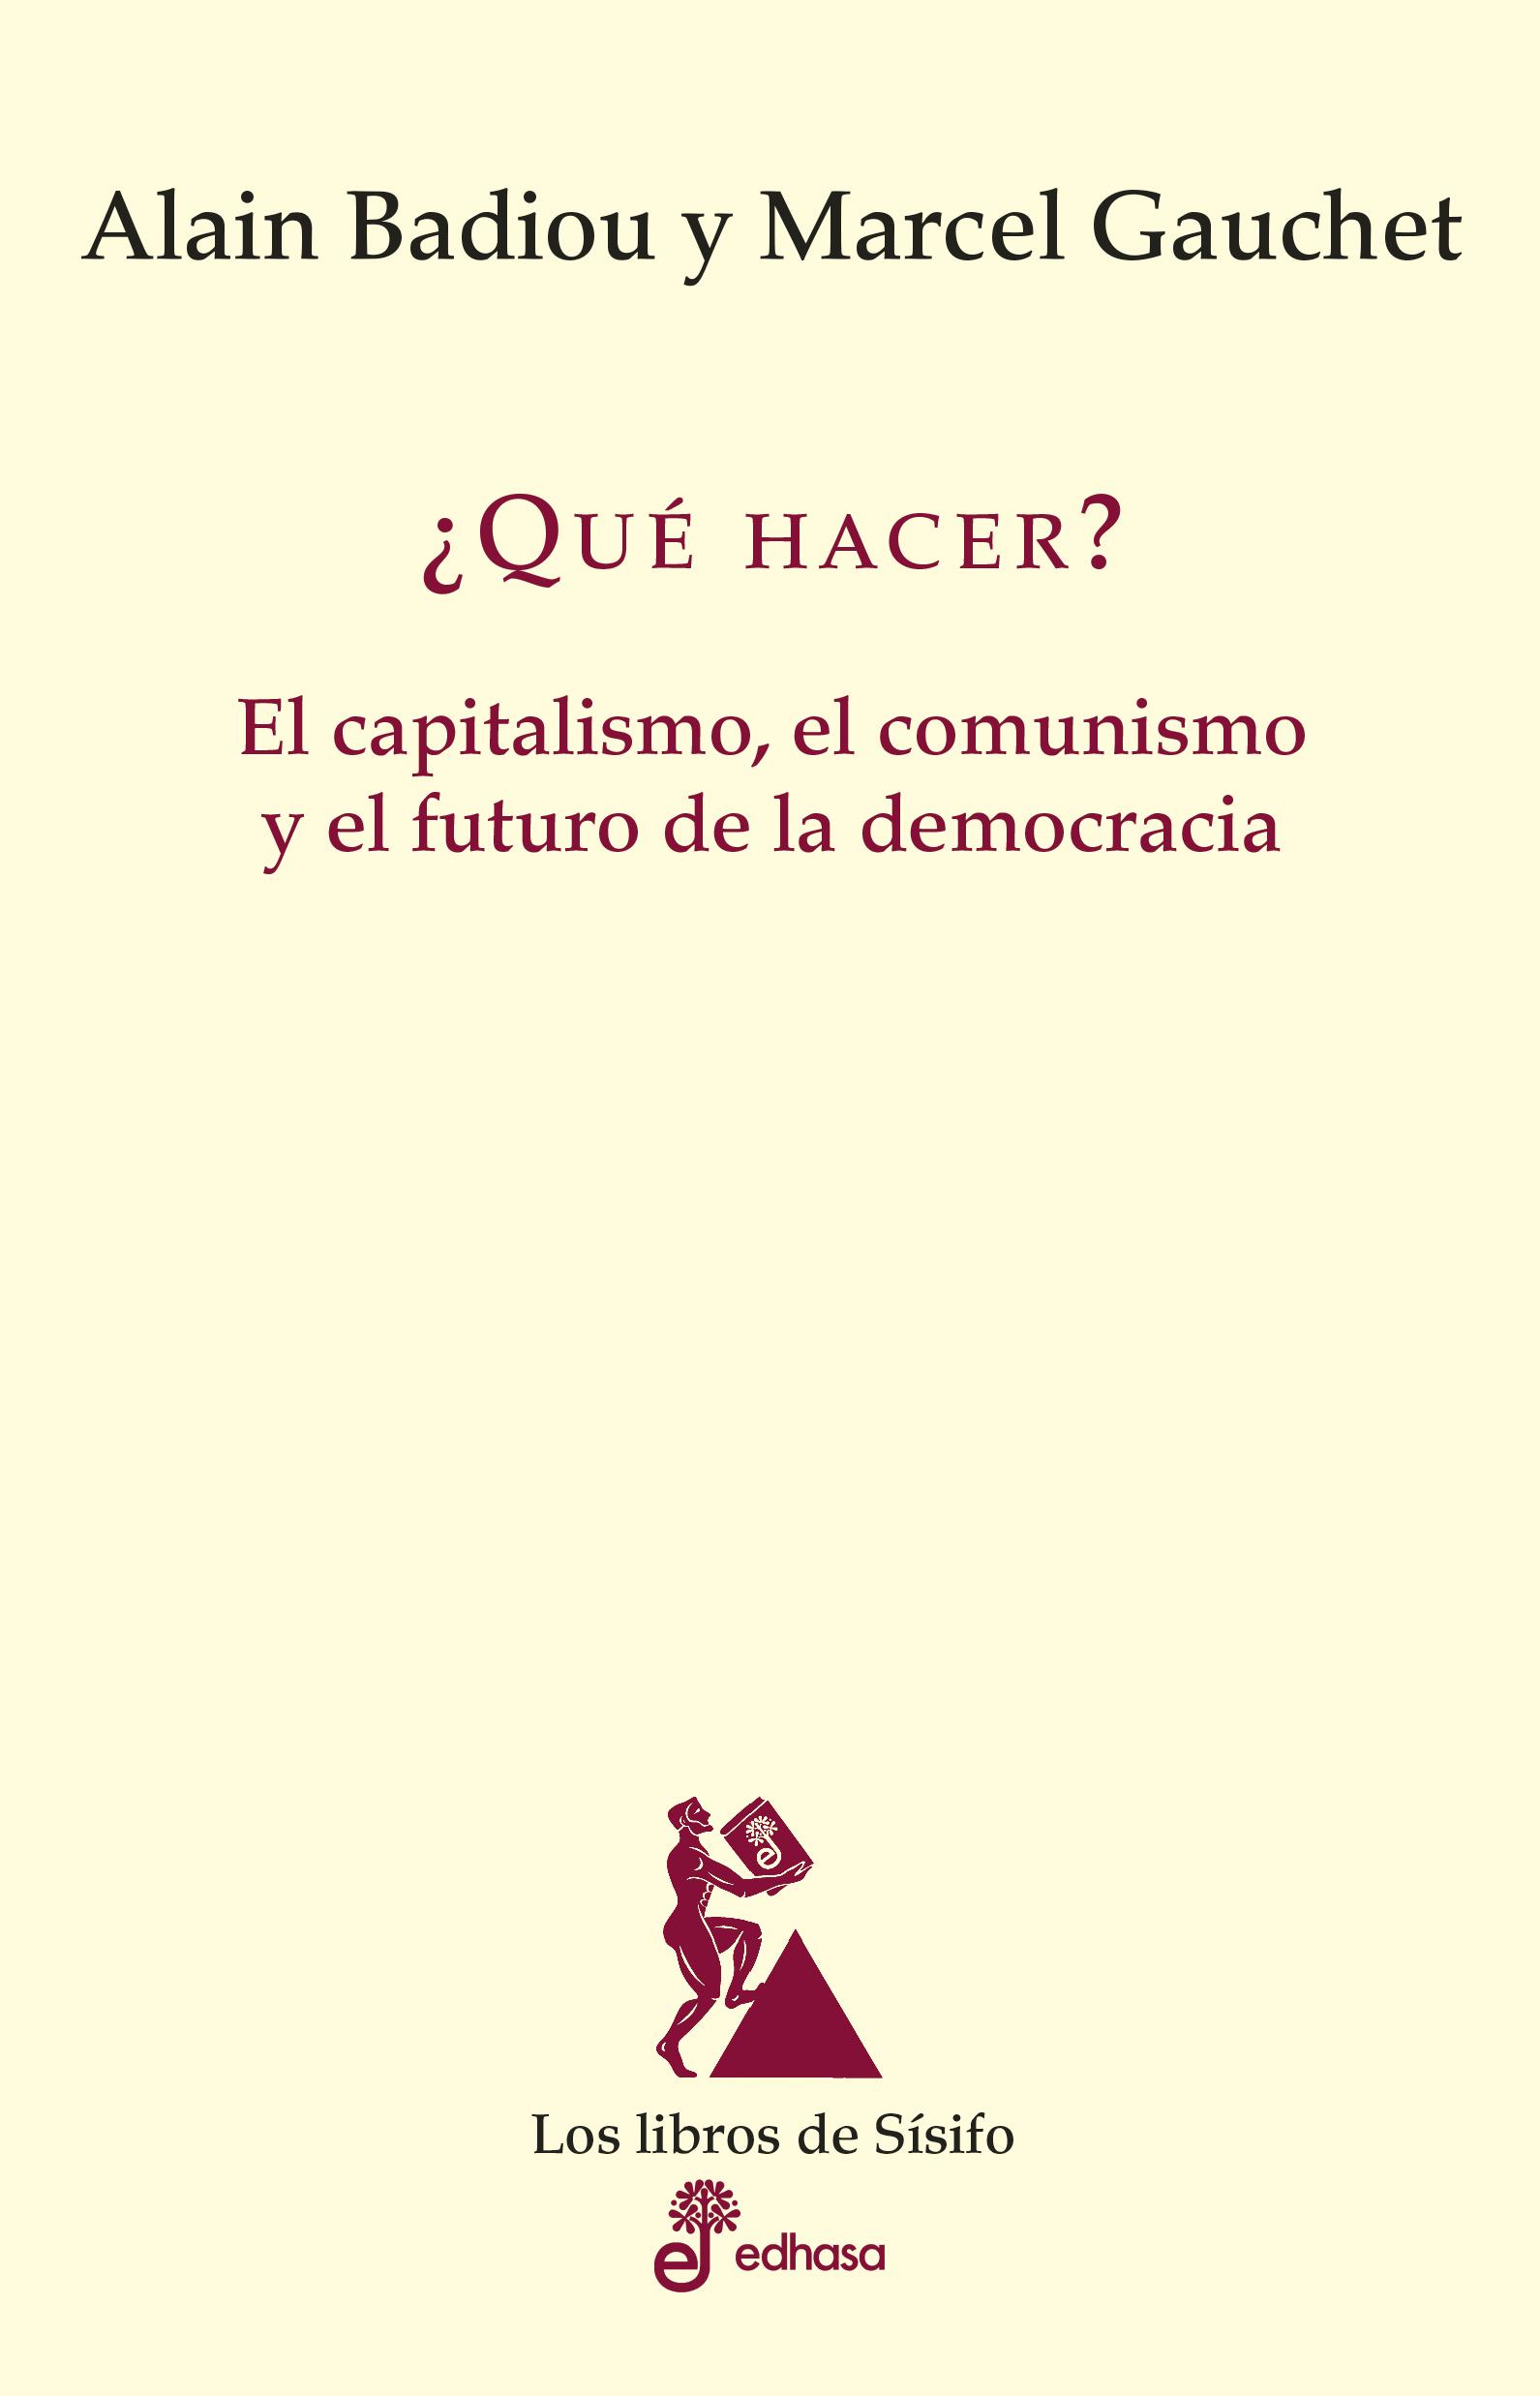 ¿Qué hacer?. El capitalismo, el comunismo y el futuro de la democracia